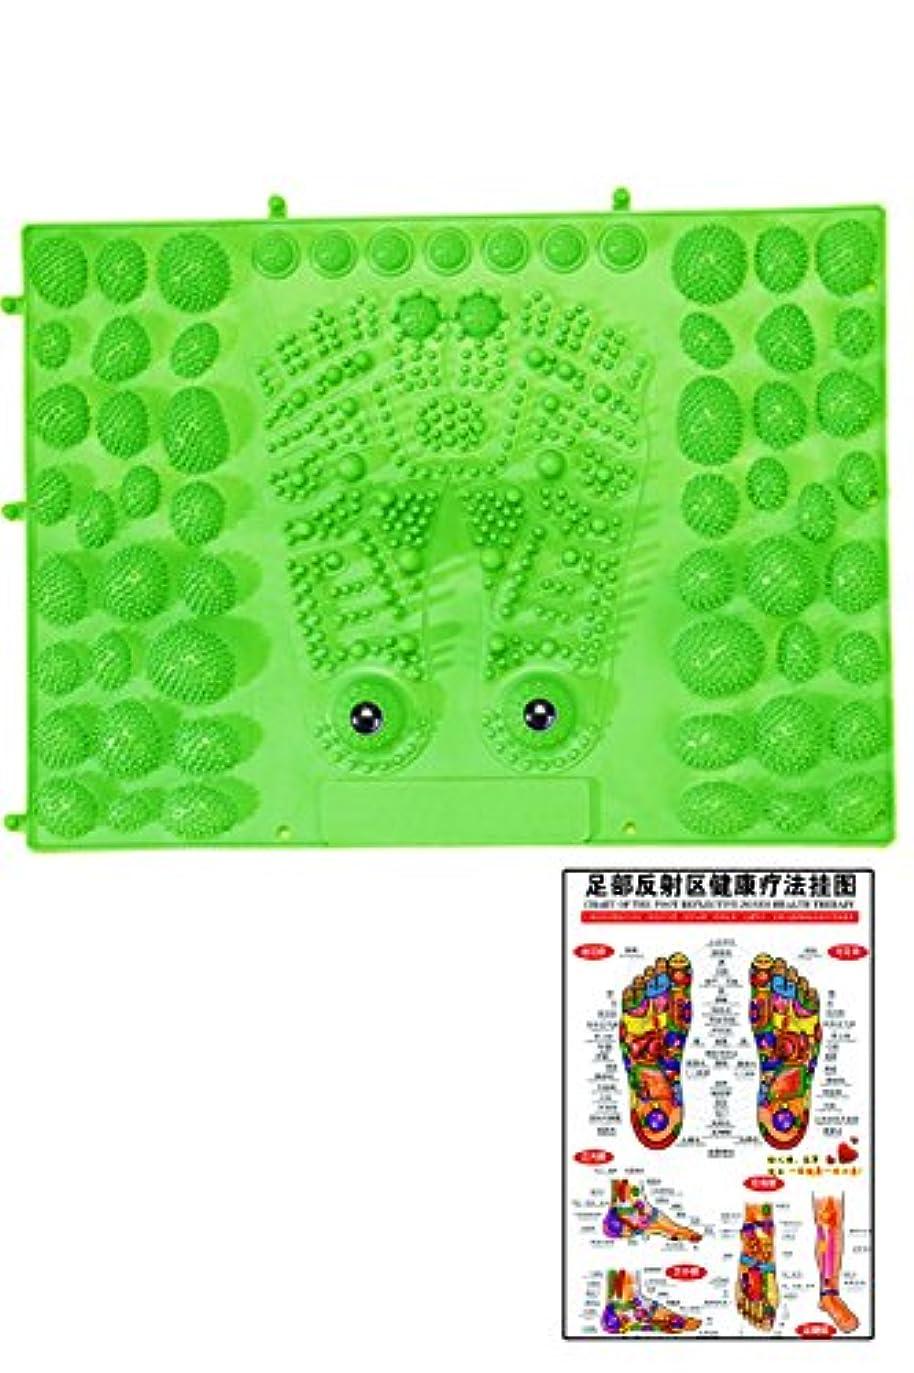 憂鬱な知覚的試みる(POMAIKAI) 足型 足ツボ 健康 マット ダイエット 足裏マッサージ 反射区 マップ セット (グリーン)